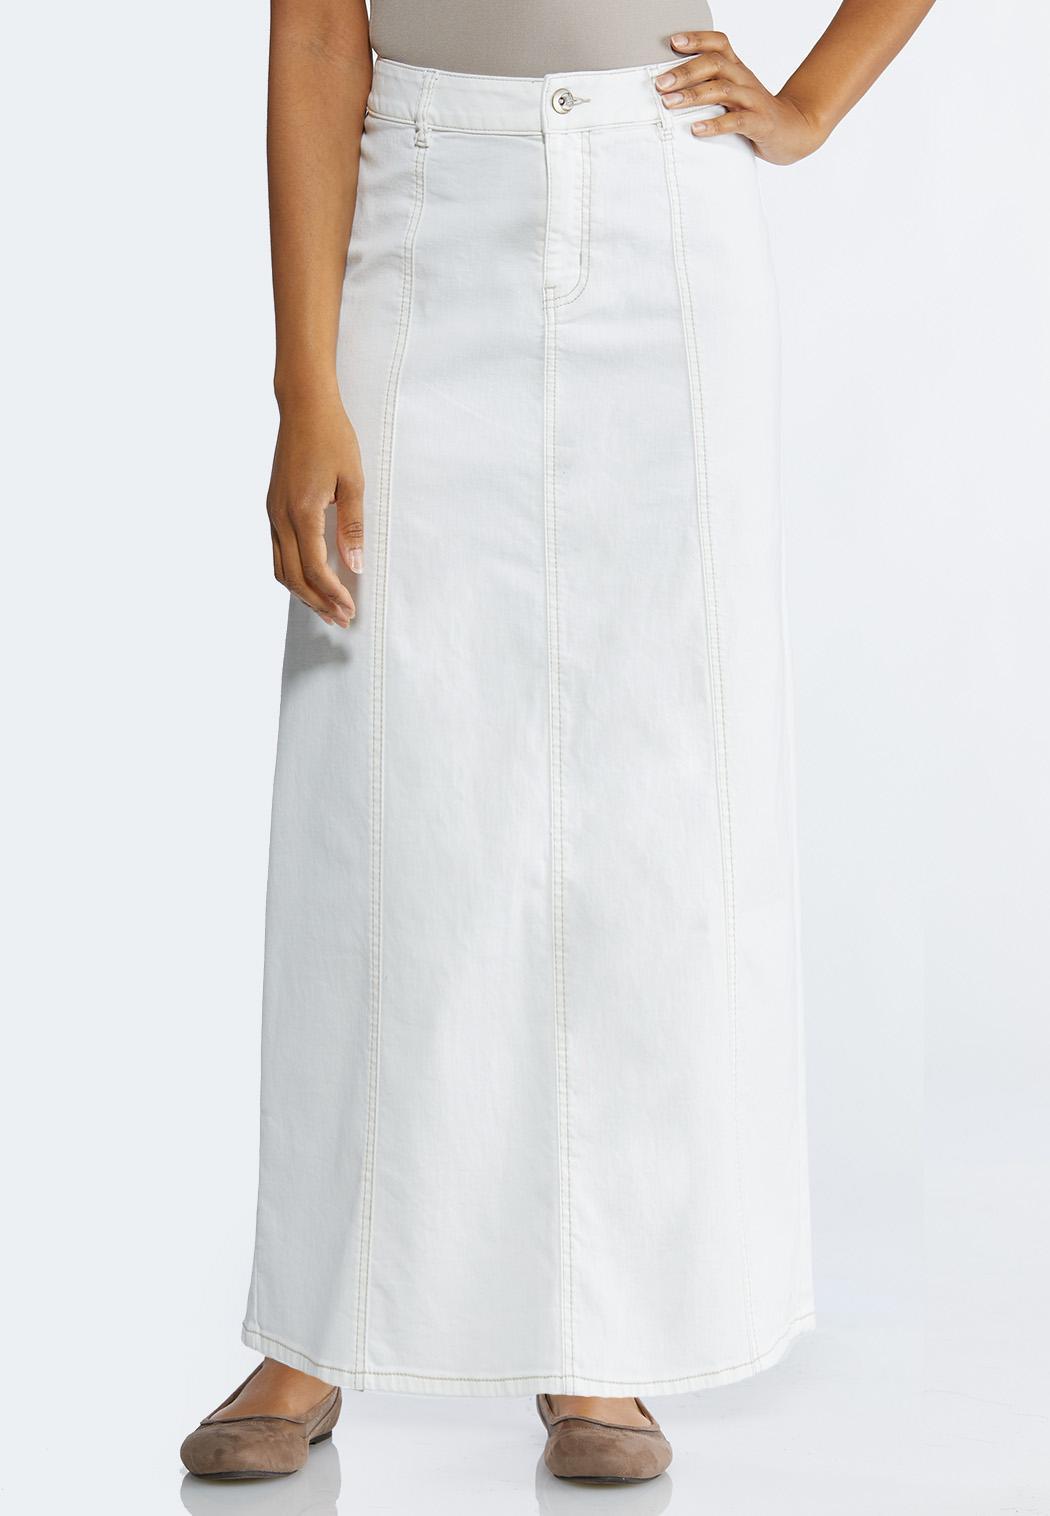 5cea2e1b7 Plus Size White Denim Maxi Skirt Skirts Cato Fashions